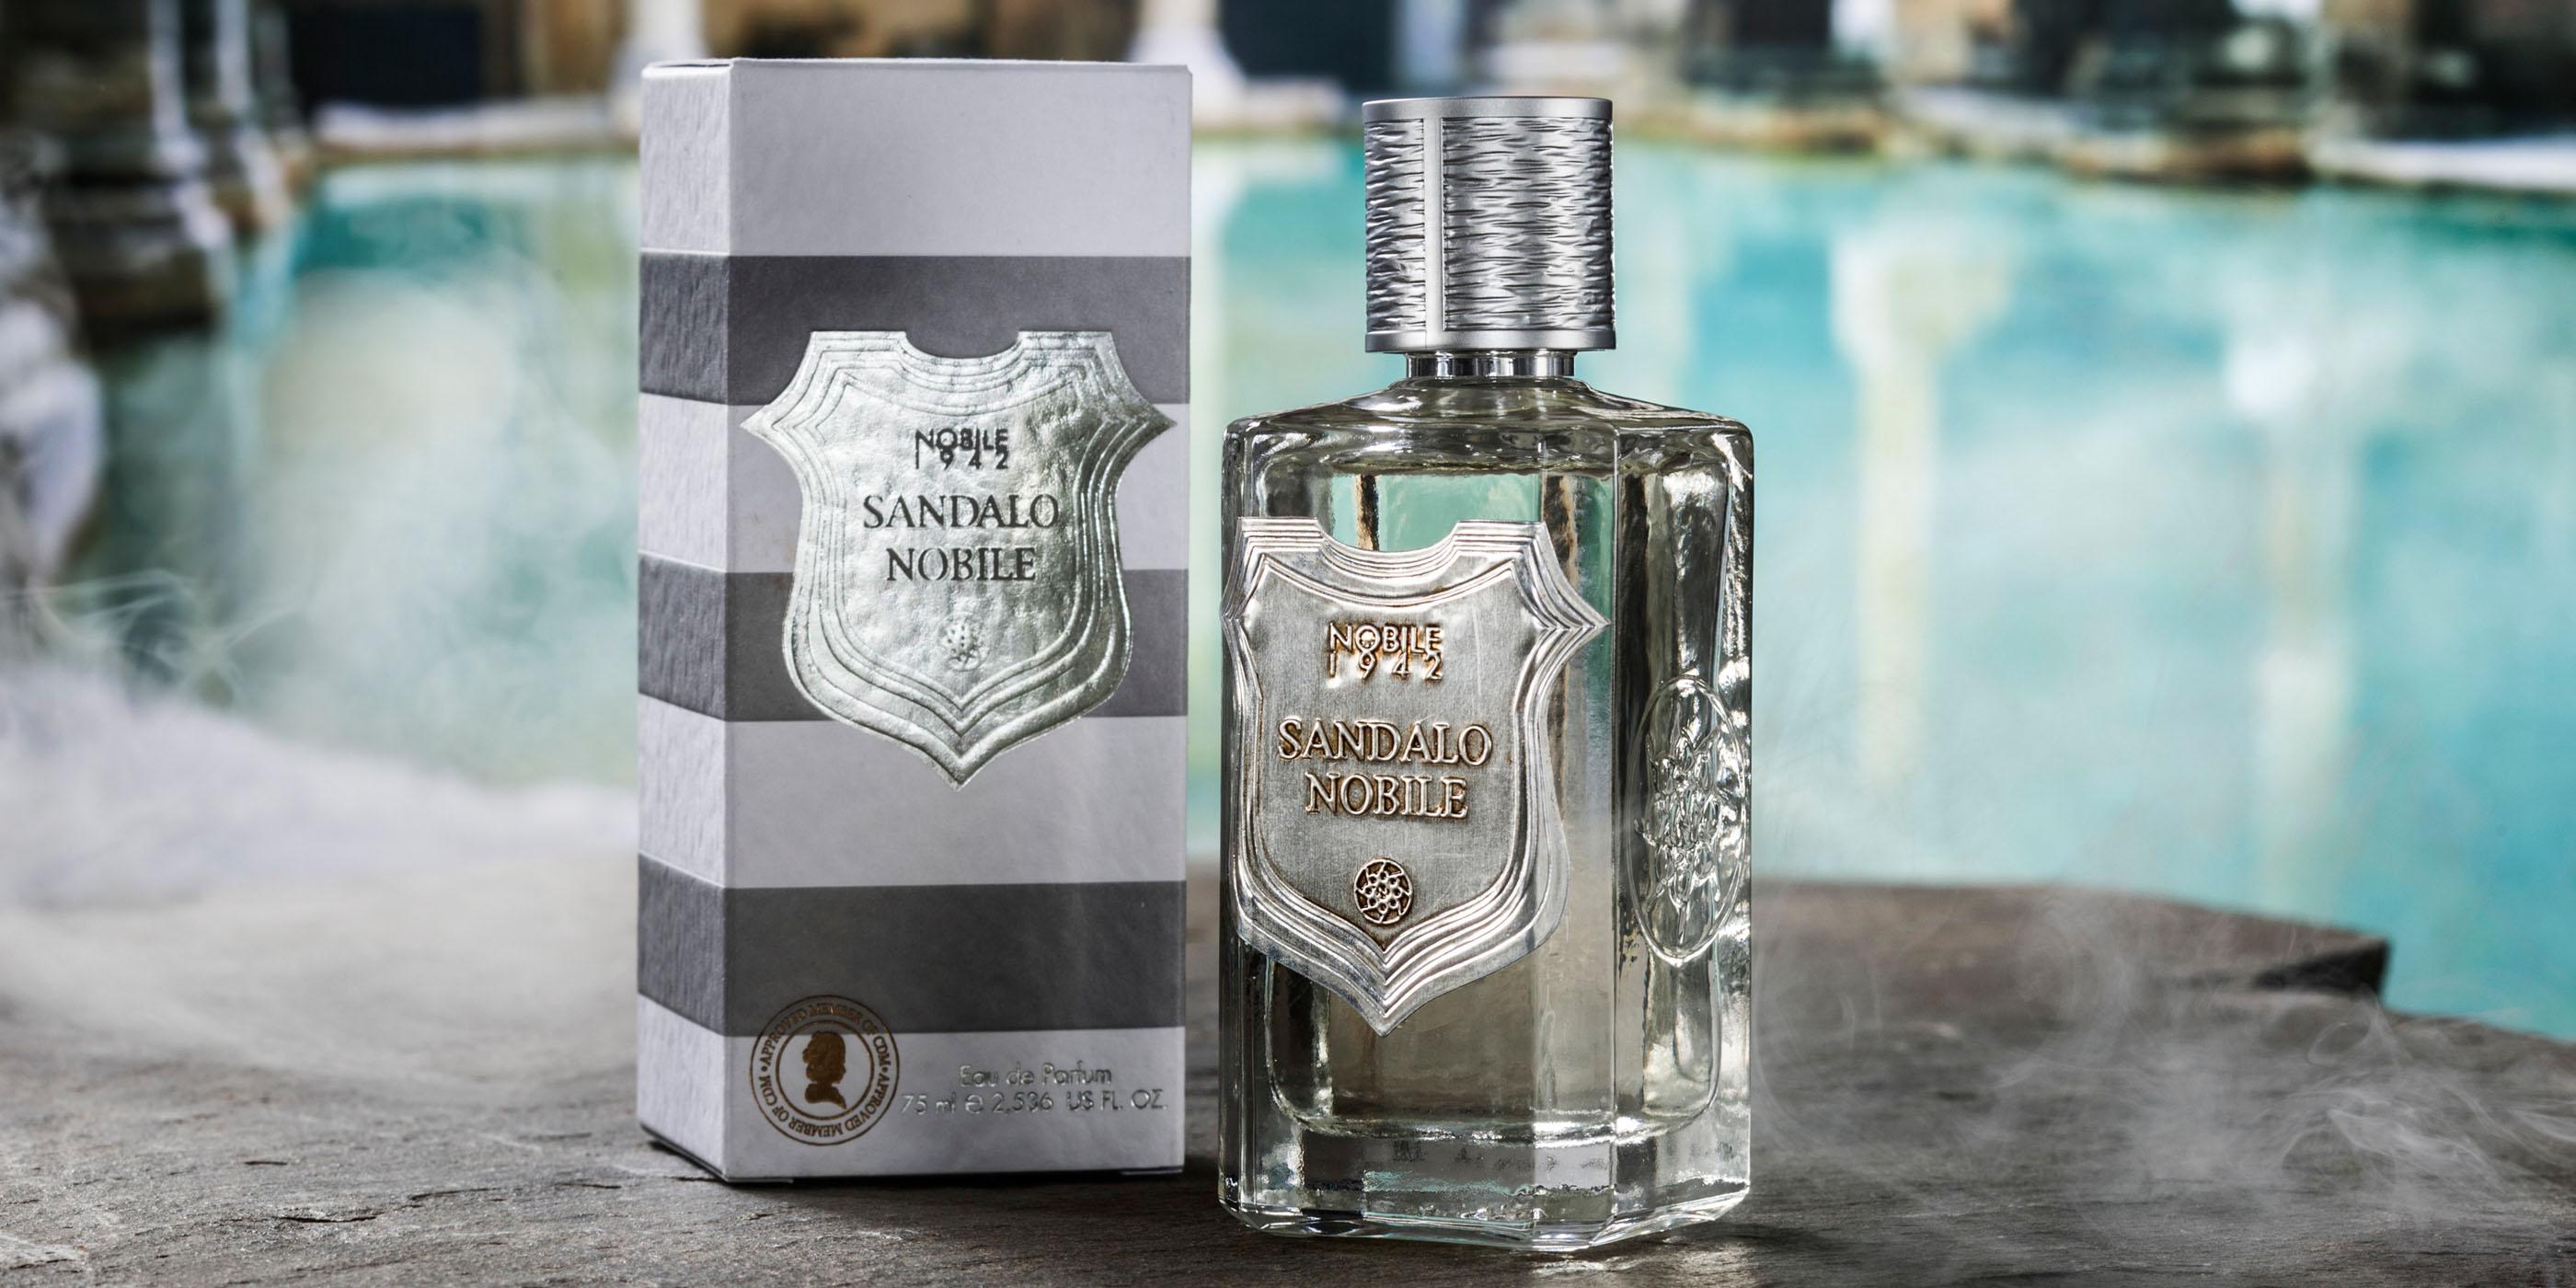 Nobile1942 Sandalo Fragrance for Men